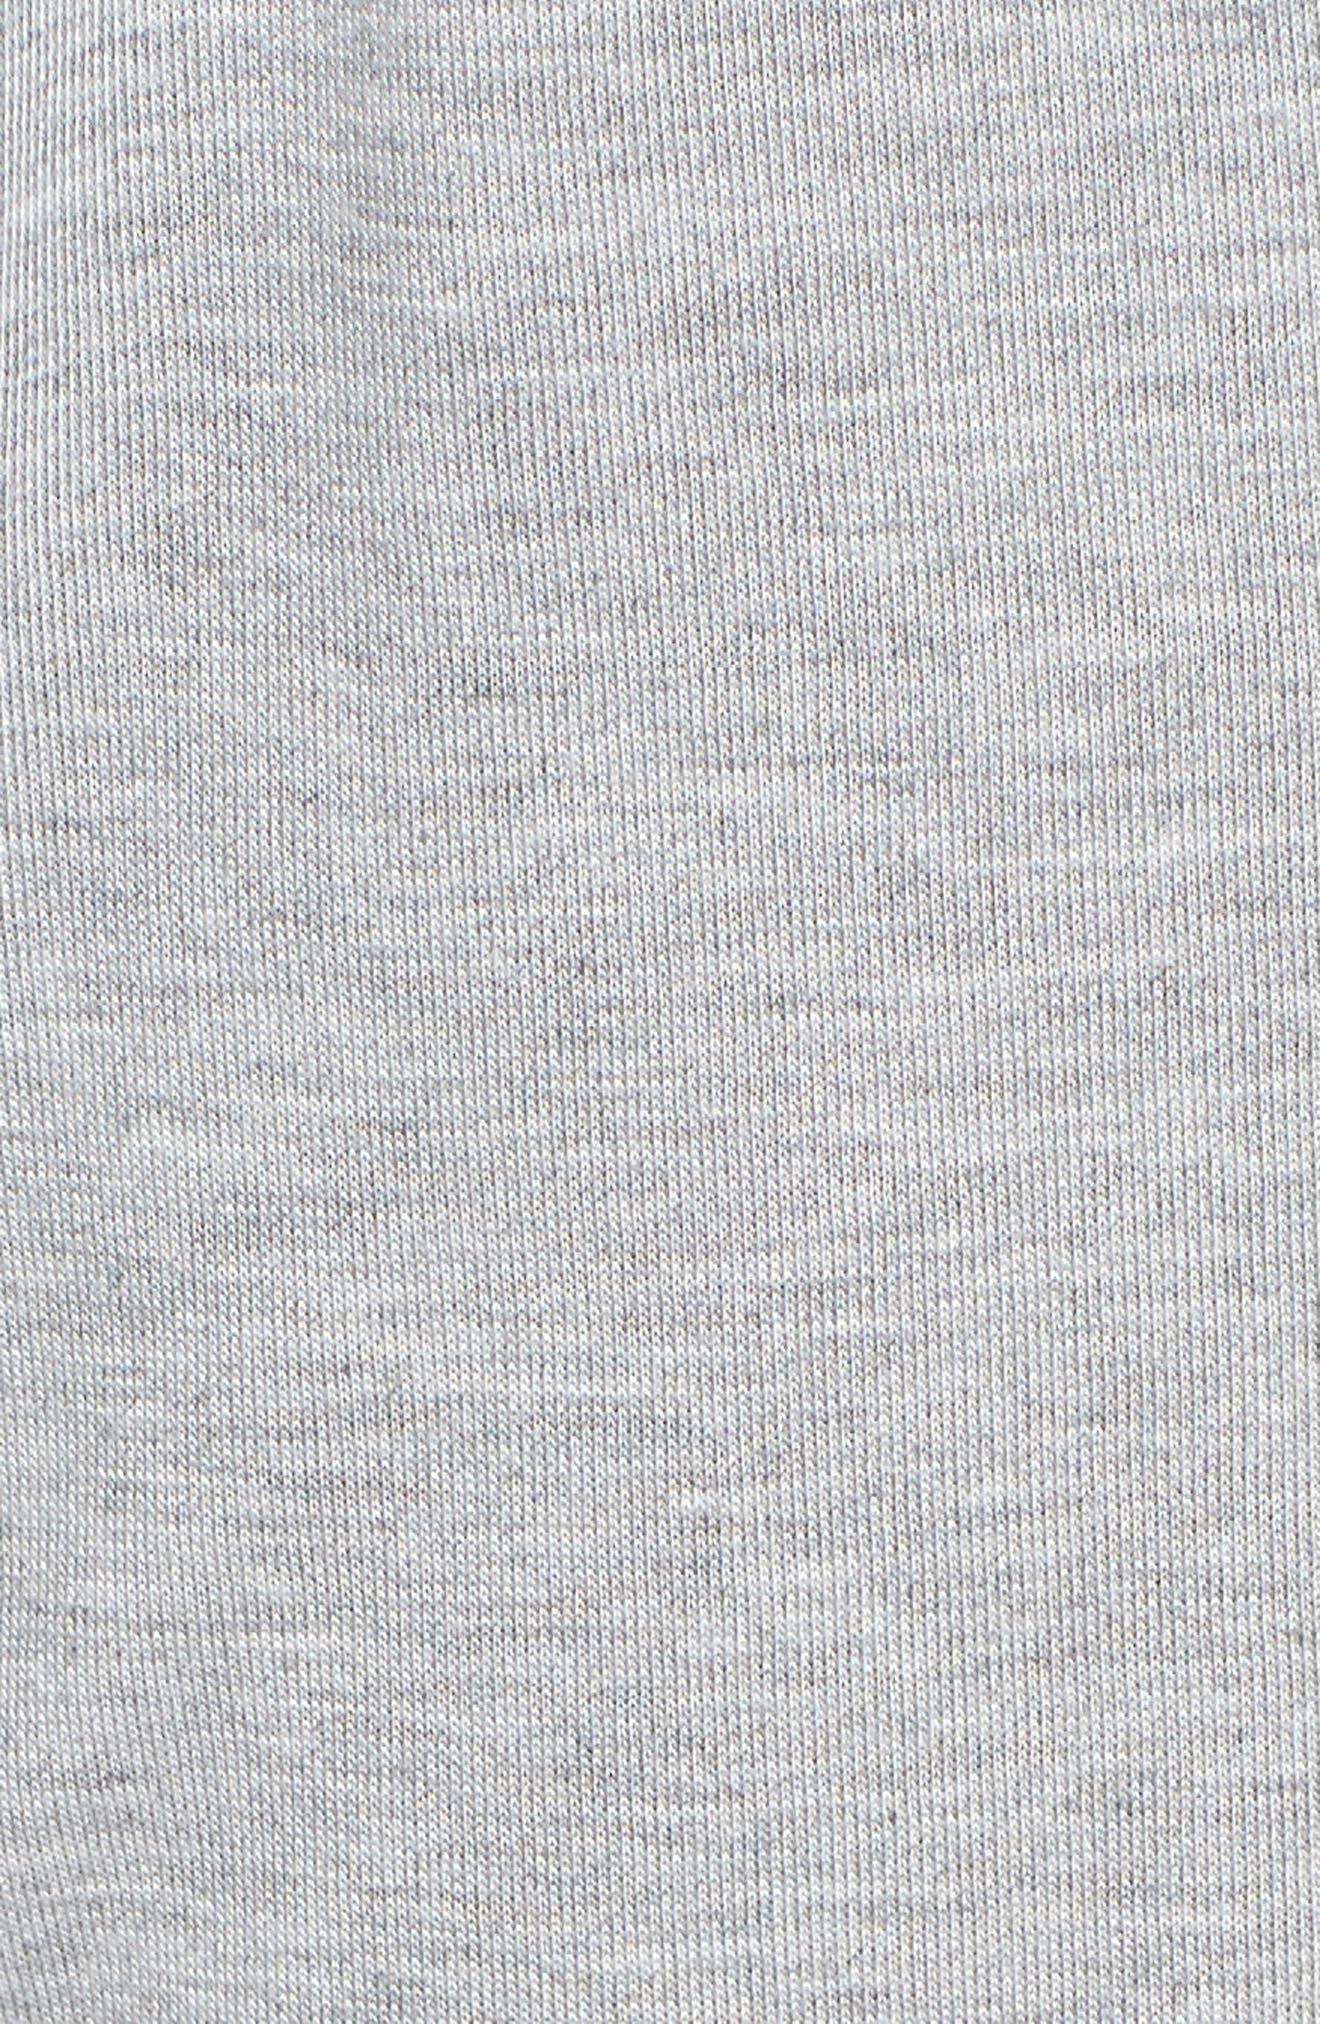 Crop Pajama Pants,                             Alternate thumbnail 5, color,                             LIGHT HEATHER GREY